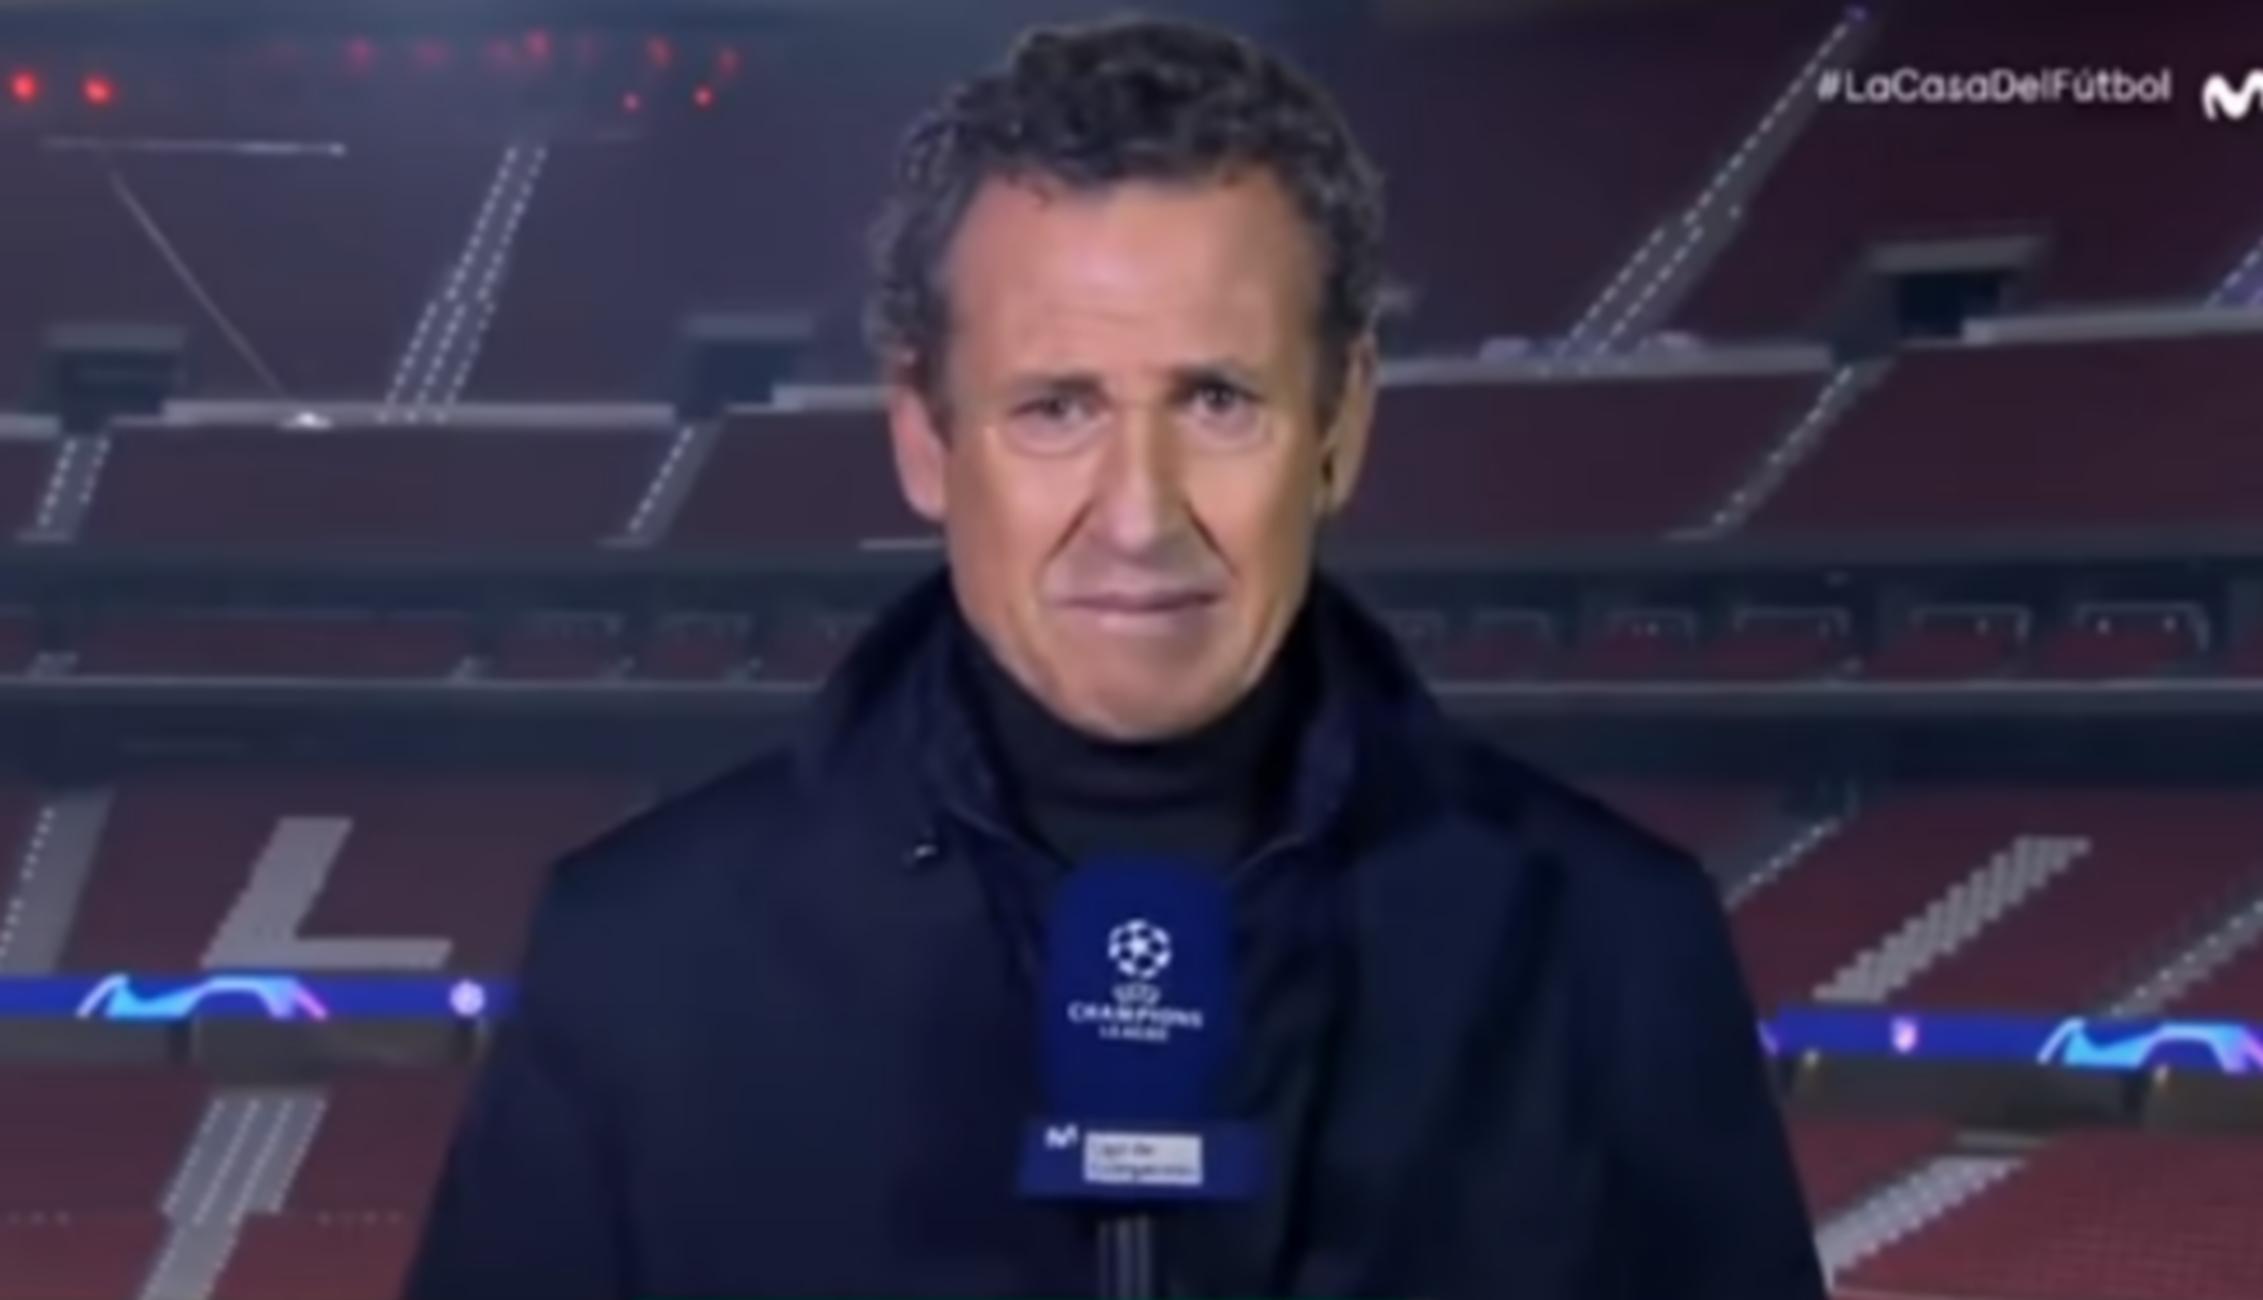 """Ντιέγκο Μαραντόνα: Δάκρυσε στον """"αέρα"""" ο Βαλντάνο για το θάνατό του (video)"""